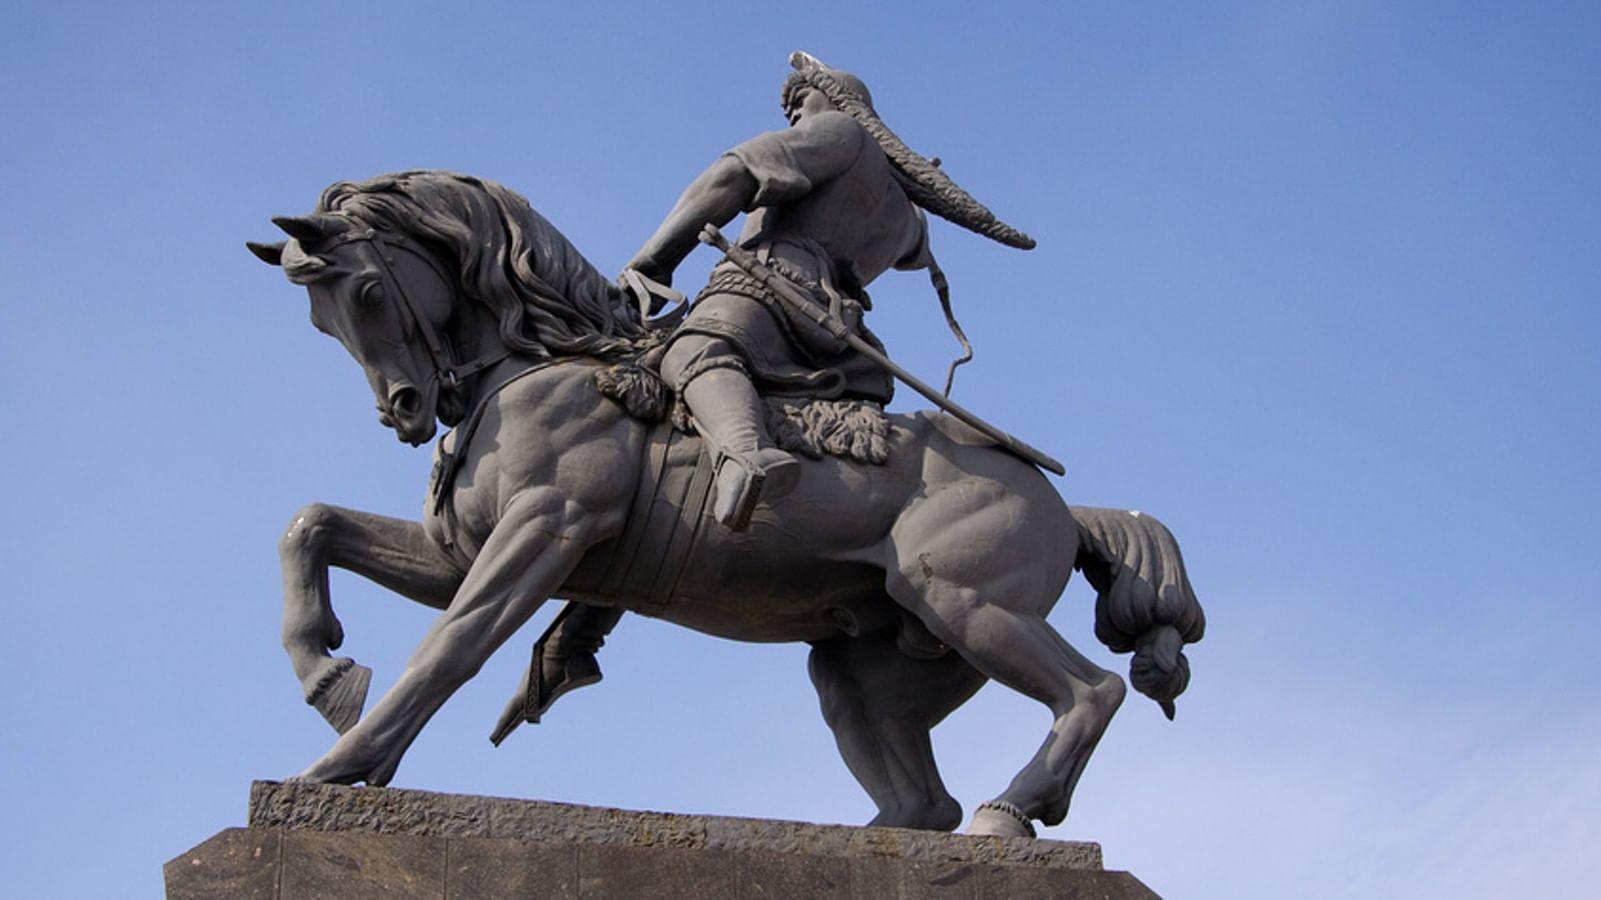 Памятник салавату юлаеву символ столицы уфа ритуальные памятники цена симферополь